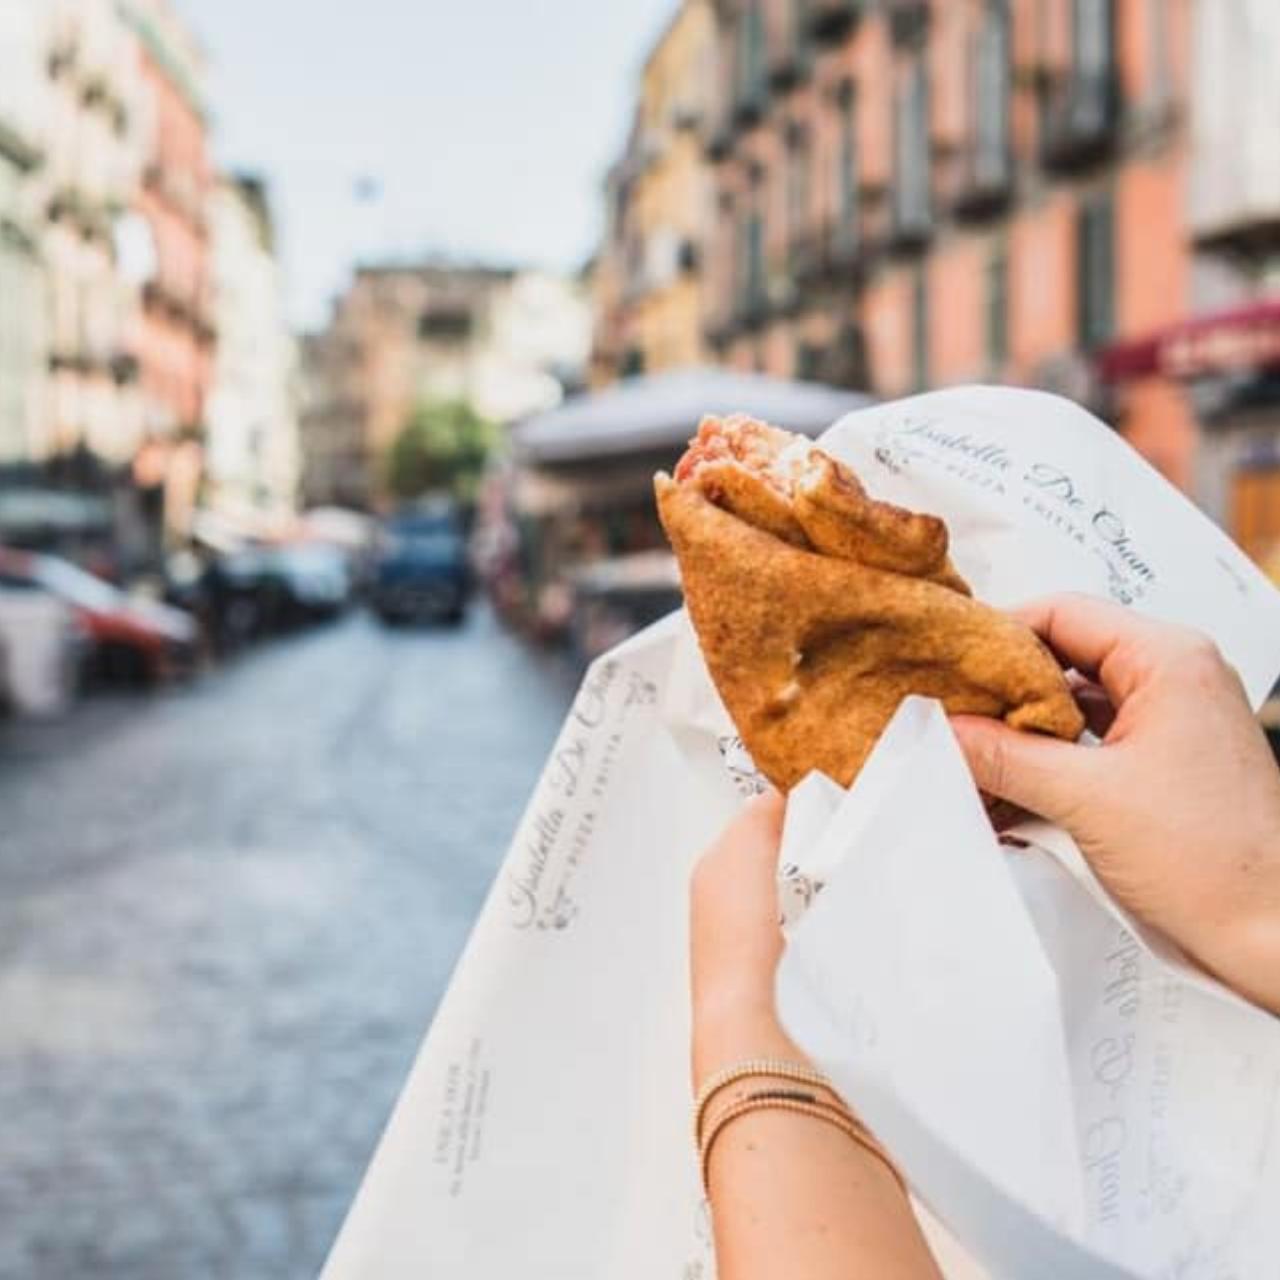 Isabella De Cham Pizza Fritta